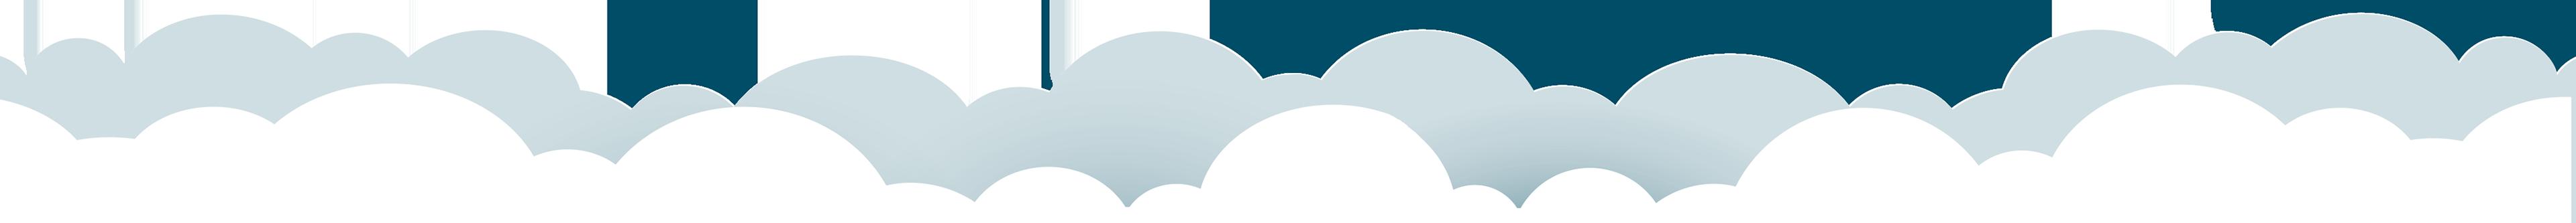 Ceny tło chmury | Żłobek Małe Chmurki